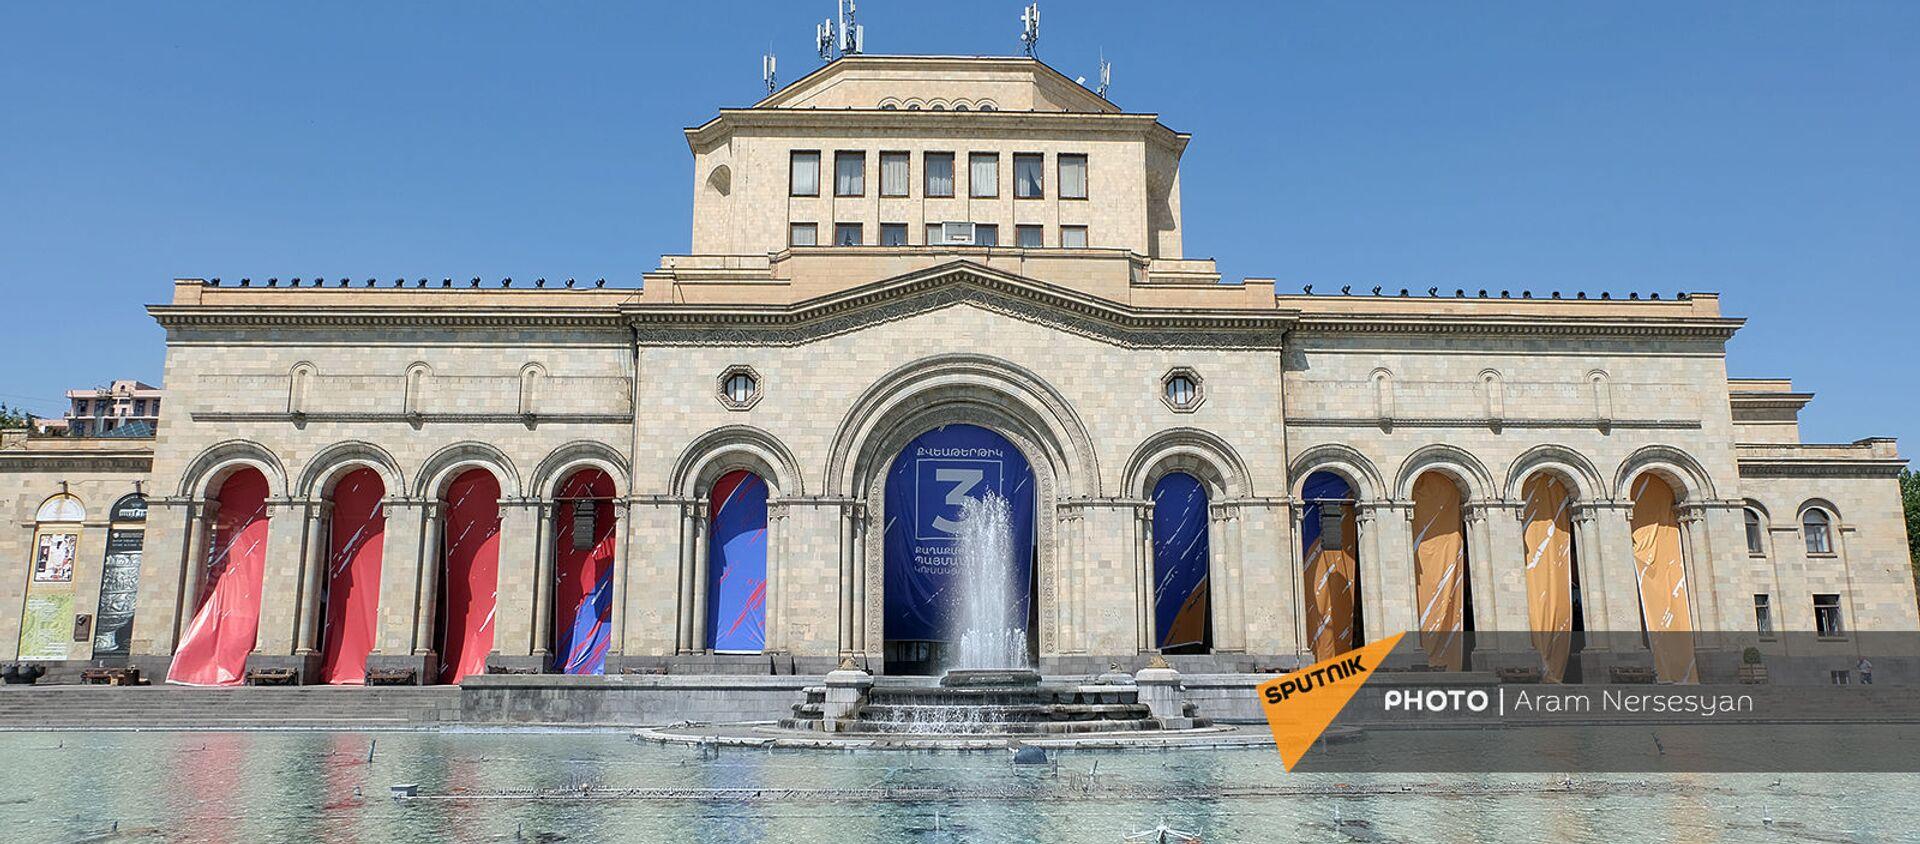 Оформление с агитрекламой партии Гражданский договор на здании Национальной галереи Армении - Sputnik Արմենիա, 1920, 17.06.2021